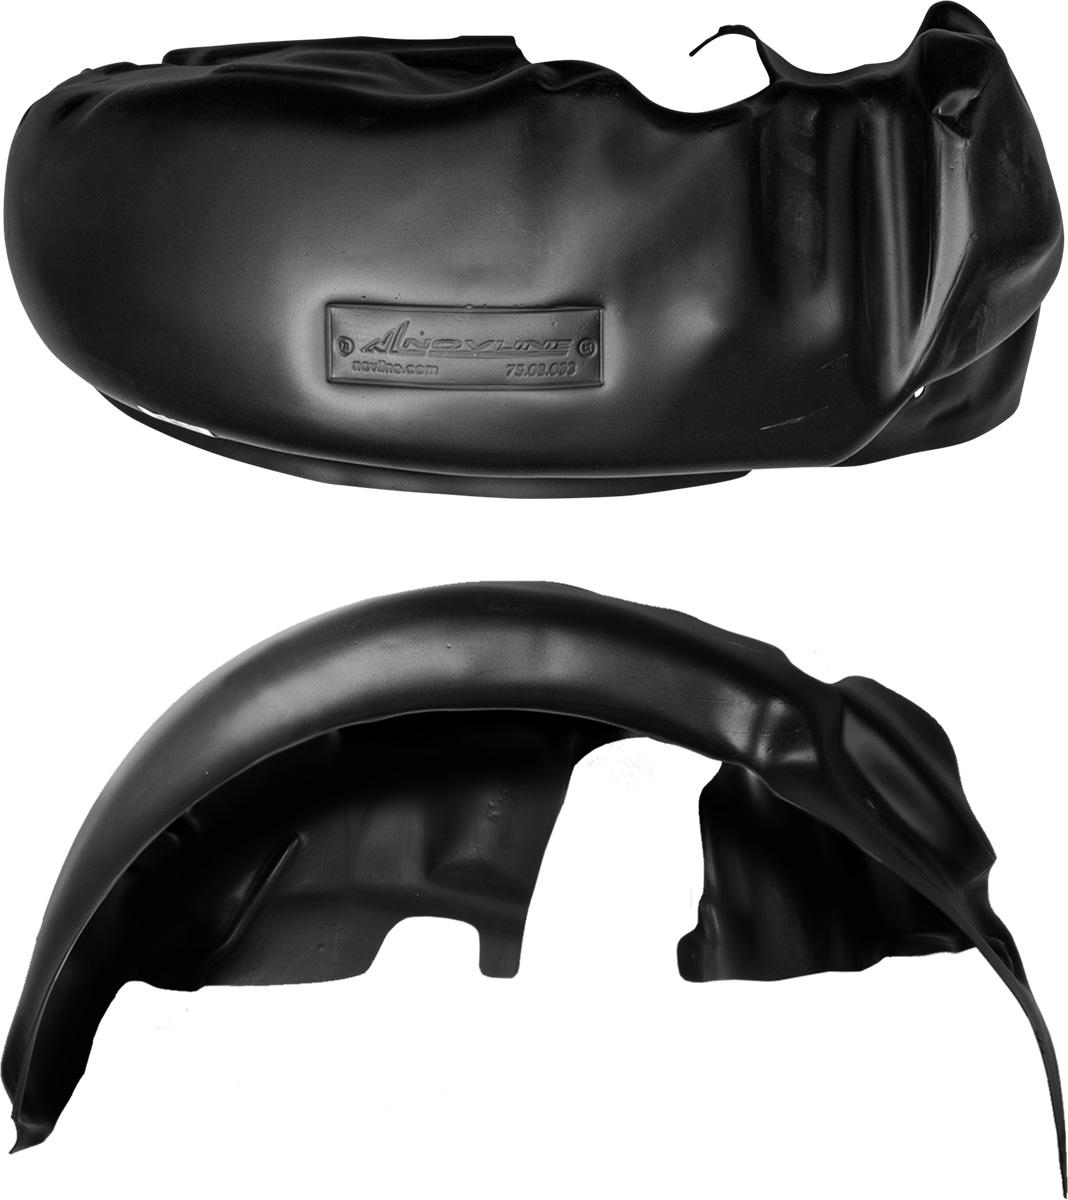 Подкрылок LIFAN X-60, 2012->, передний правыйPANTERA SPX-2RSКолесные ниши – одни из самых уязвимых зон днища вашего автомобиля. Они постоянно подвергаются воздействию со стороны дороги. Лучшая, почти абсолютная защита для них - специально отформованные пластиковые кожухи, которые называются подкрылками, или локерами. Производятся они как для отечественных моделей автомобилей, так и для иномарок. Подкрылки выполнены из высококачественного, экологически чистого пластика. Обеспечивают надежную защиту кузова автомобиля от пескоструйного эффекта и негативного влияния, агрессивных антигололедных реагентов. Пластик обладает более низкой теплопроводностью, чем металл, поэтому в зимний период эксплуатации использование пластиковых подкрылков позволяет лучше защитить колесные ниши от налипания снега и образования наледи. Оригинальность конструкции подчеркивает элегантность автомобиля, бережно защищает нанесенное на днище кузова антикоррозийное покрытие и позволяет осуществить крепление подкрылков внутри колесной арки практически без дополнительного крепежа и сверления, не нарушая при этом лакокрасочного покрытия, что предотвращает возникновение новых очагов коррозии. Технология крепления подкрылков на иномарки принципиально отличается от крепления на российские автомобили и разрабатывается индивидуально для каждой модели автомобиля. Подкрылки долговечны, обладают высокой прочностью и сохраняют заданную форму, а также все свои физико-механические характеристики в самых тяжелых климатических условиях ( от -50° С до + 50° С).